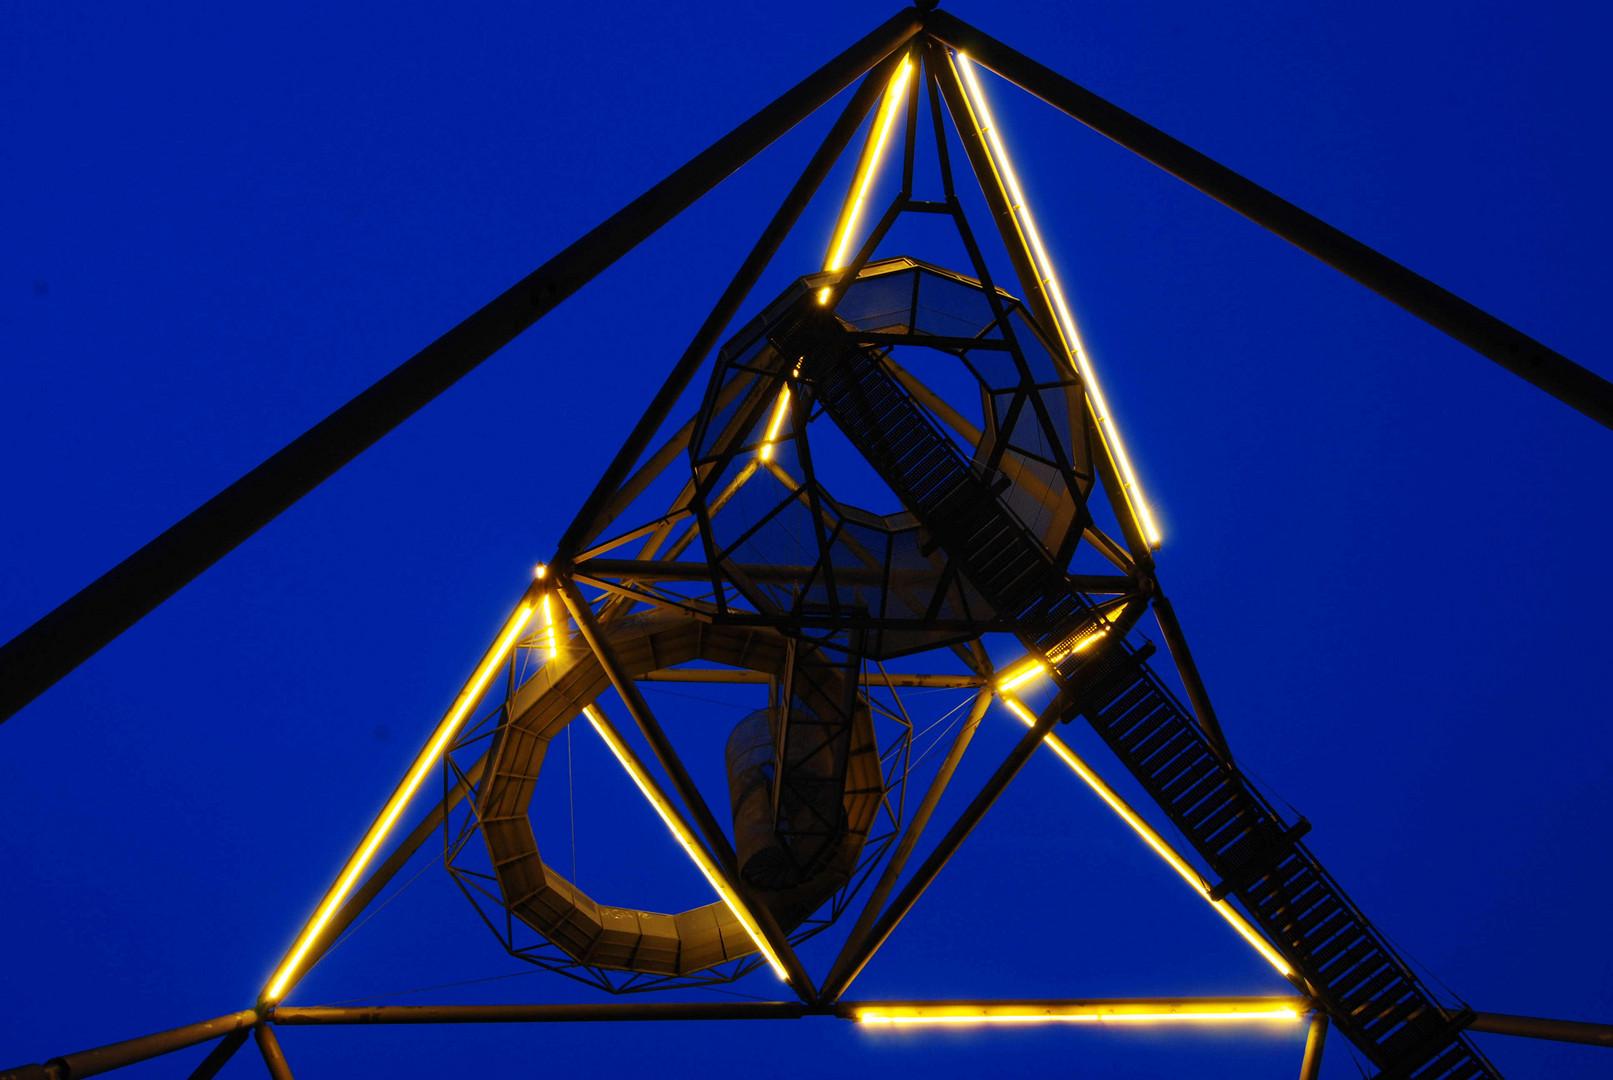 Industriekultur zur blauen Stunde...